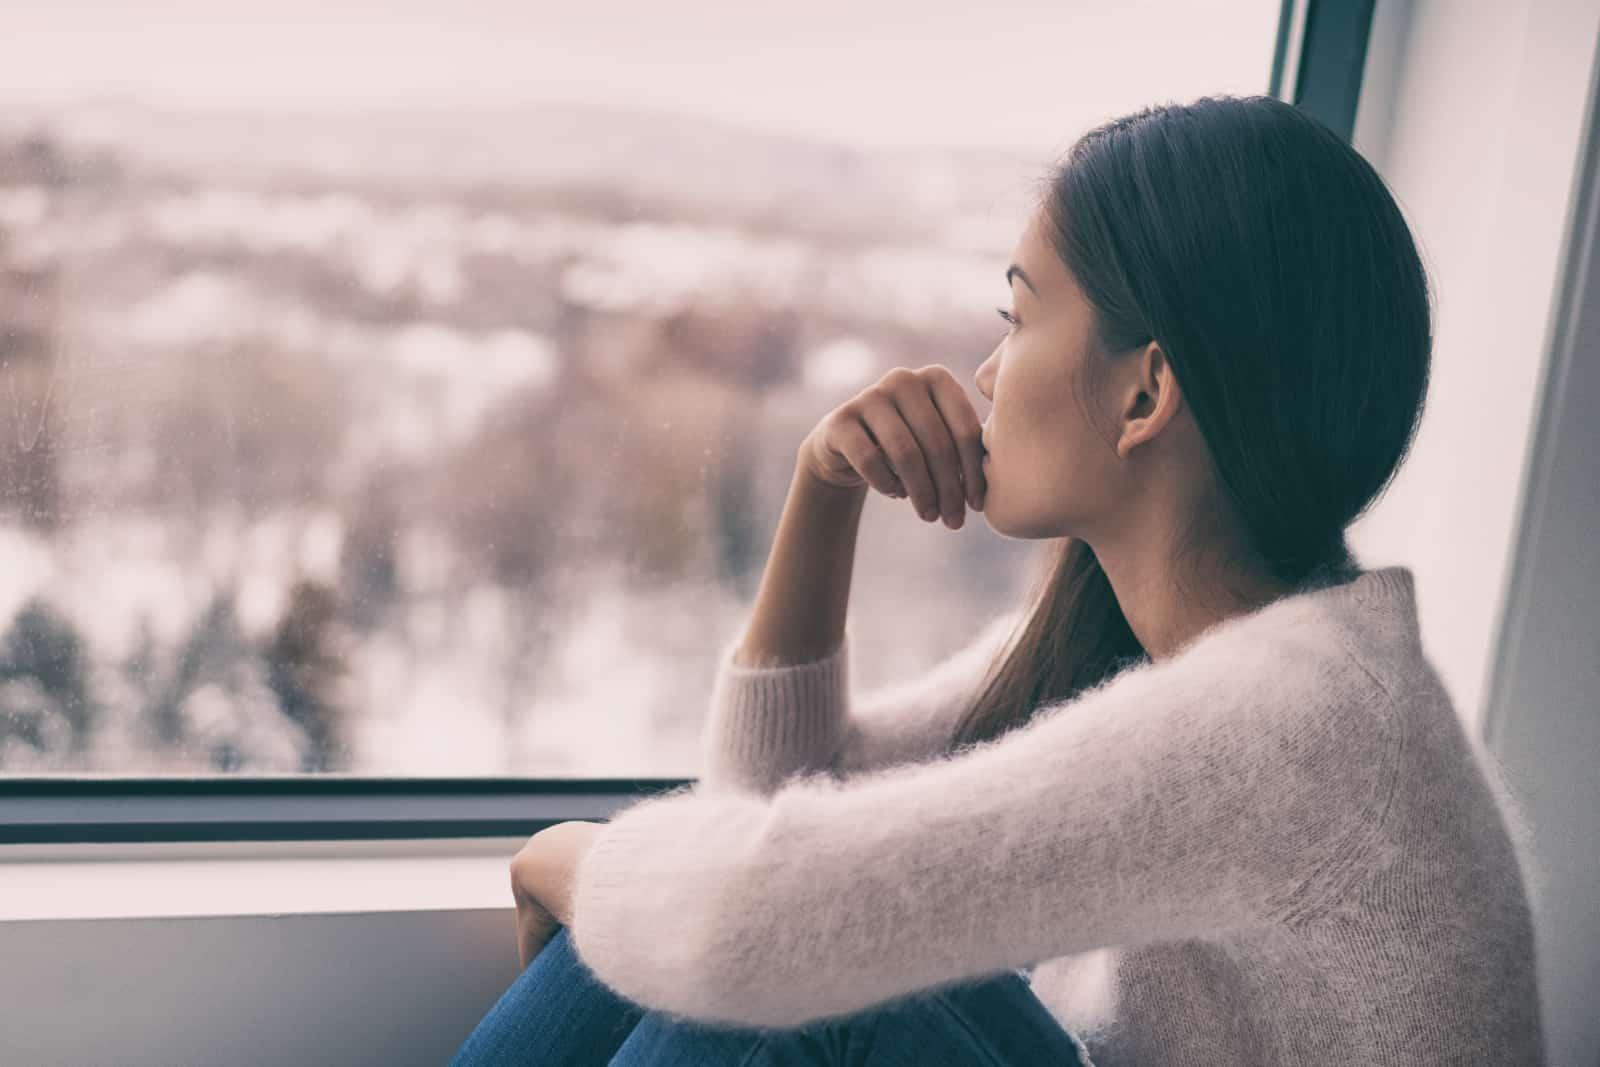 une fille inquiète regarde par la fenêtre